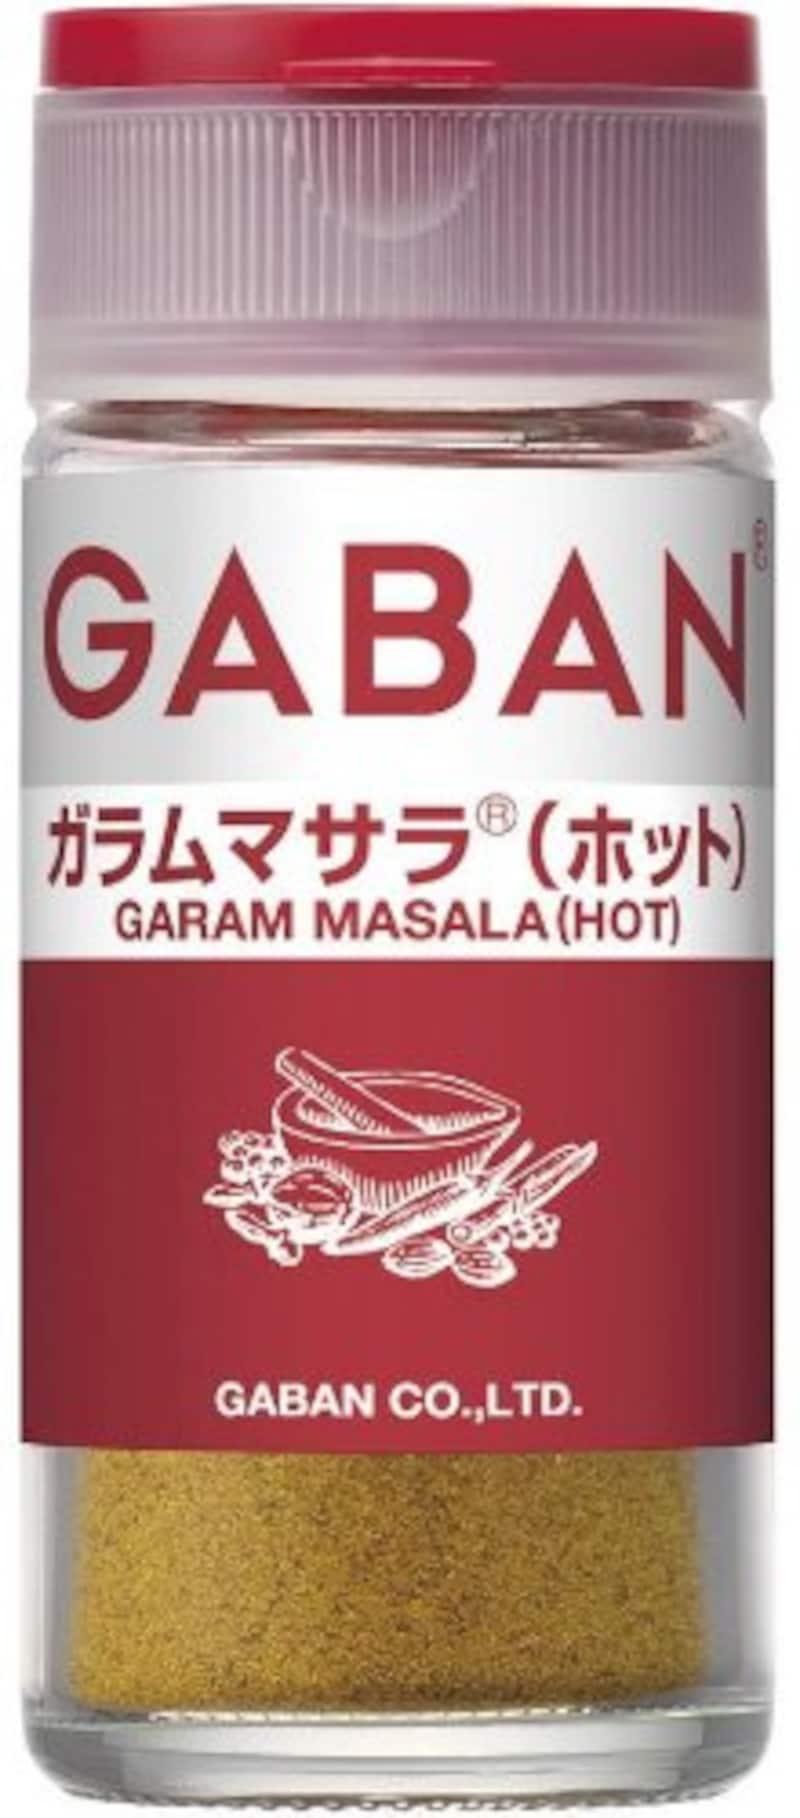 GABAN(ギャバン),ガラムマサラ(ホット)